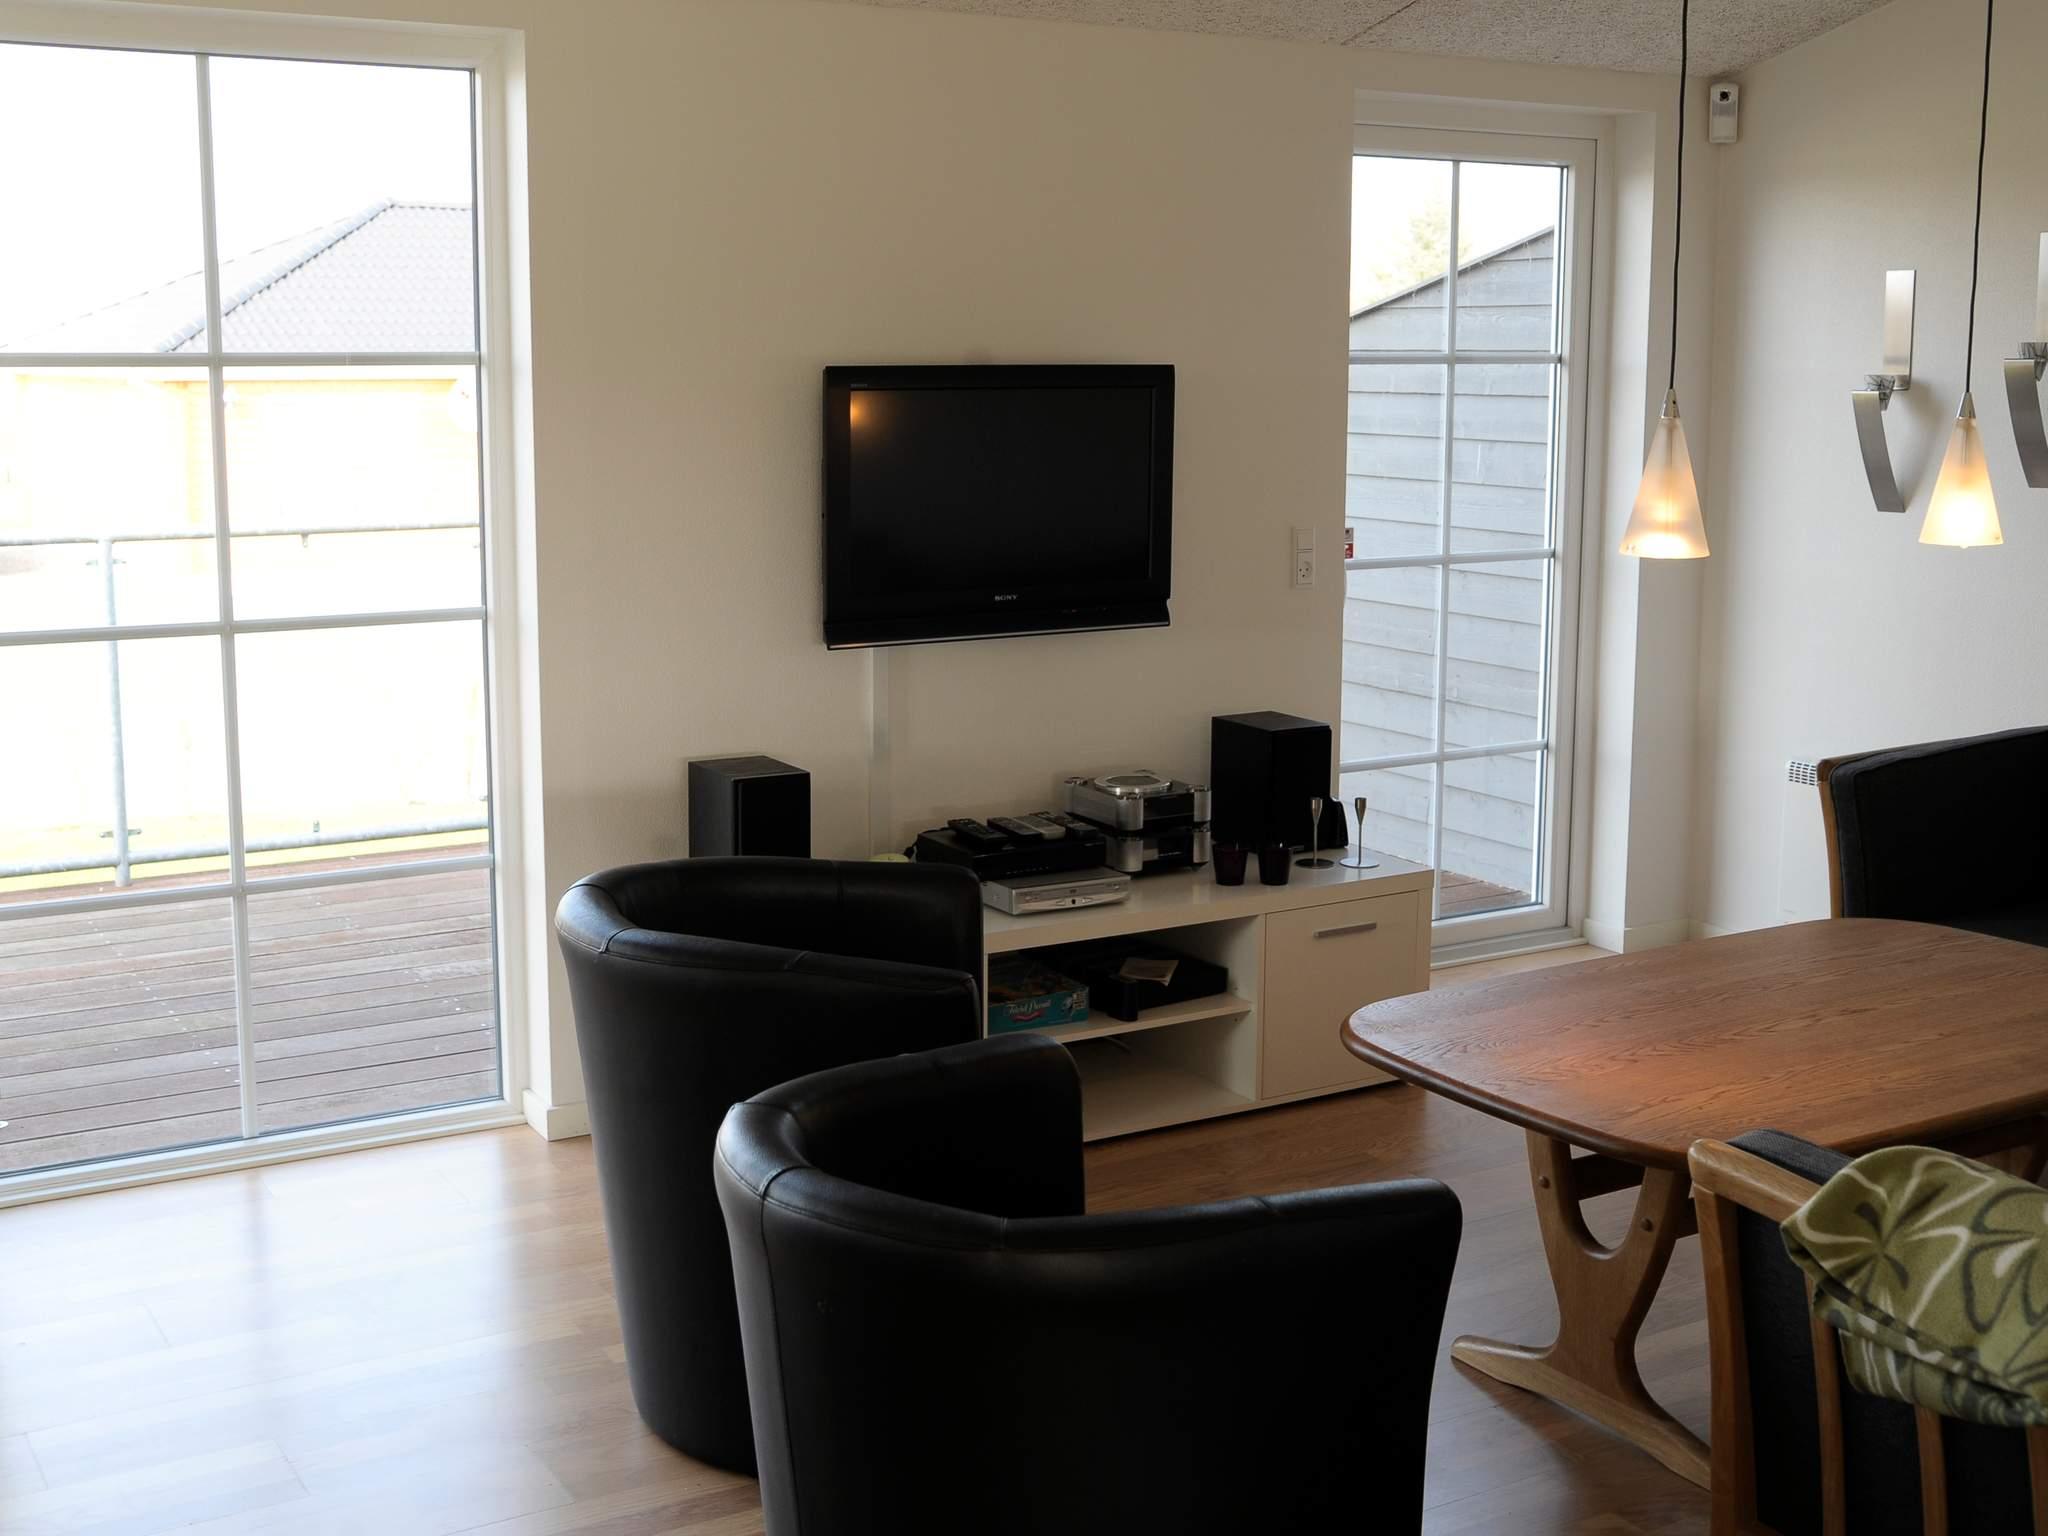 Ferienhaus Kvie Sø (318328), Kvie, , Westjütland, Dänemark, Bild 2